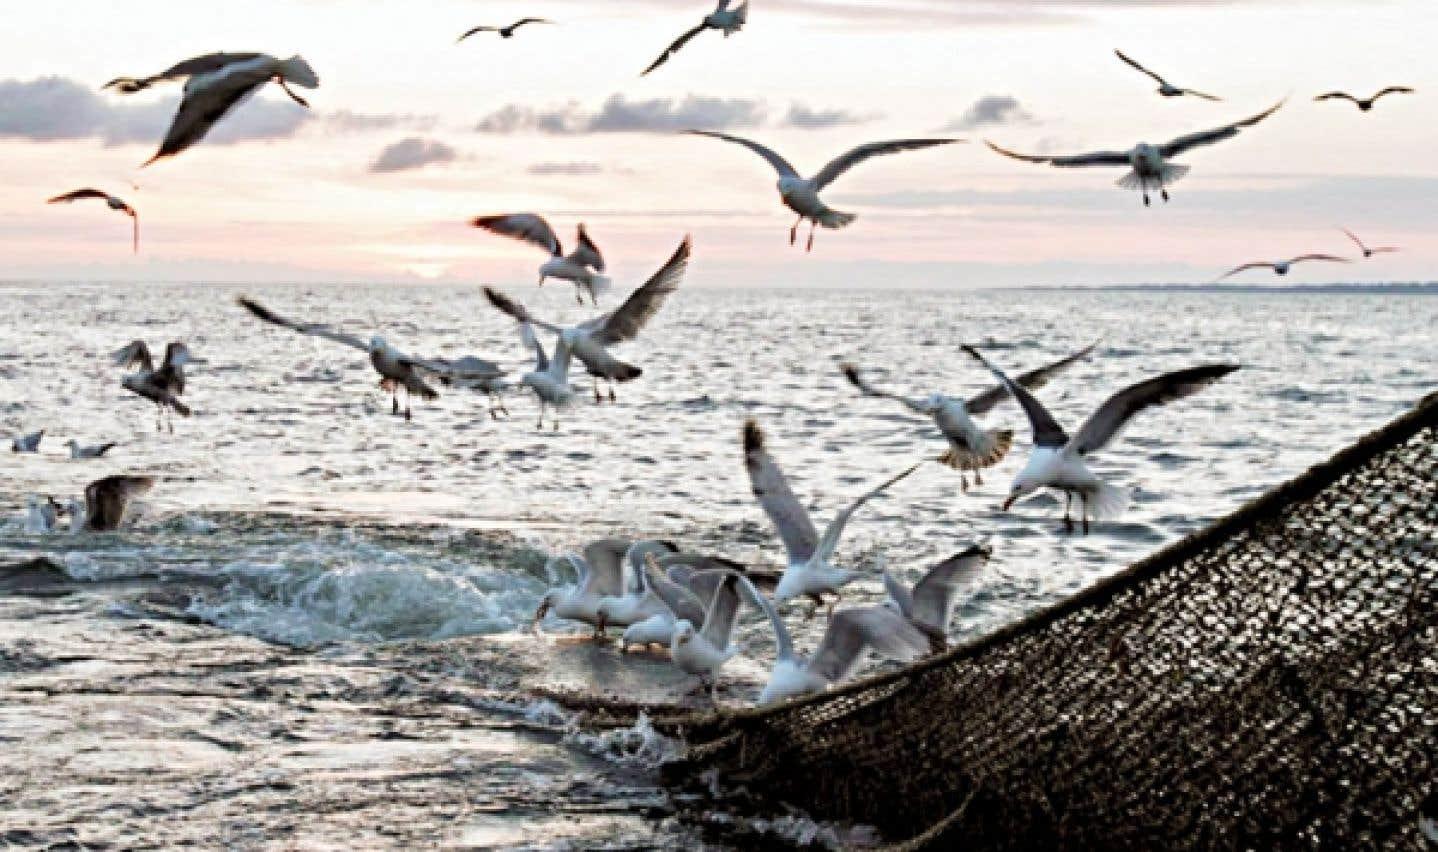 Des goélands bataillent au-dessus du filet d'un chalutier pêchant dans l'Atlantique. Après la surpêche, la pollution serait le deuxième facteur de «mise en danger» des ressources halieutiques.